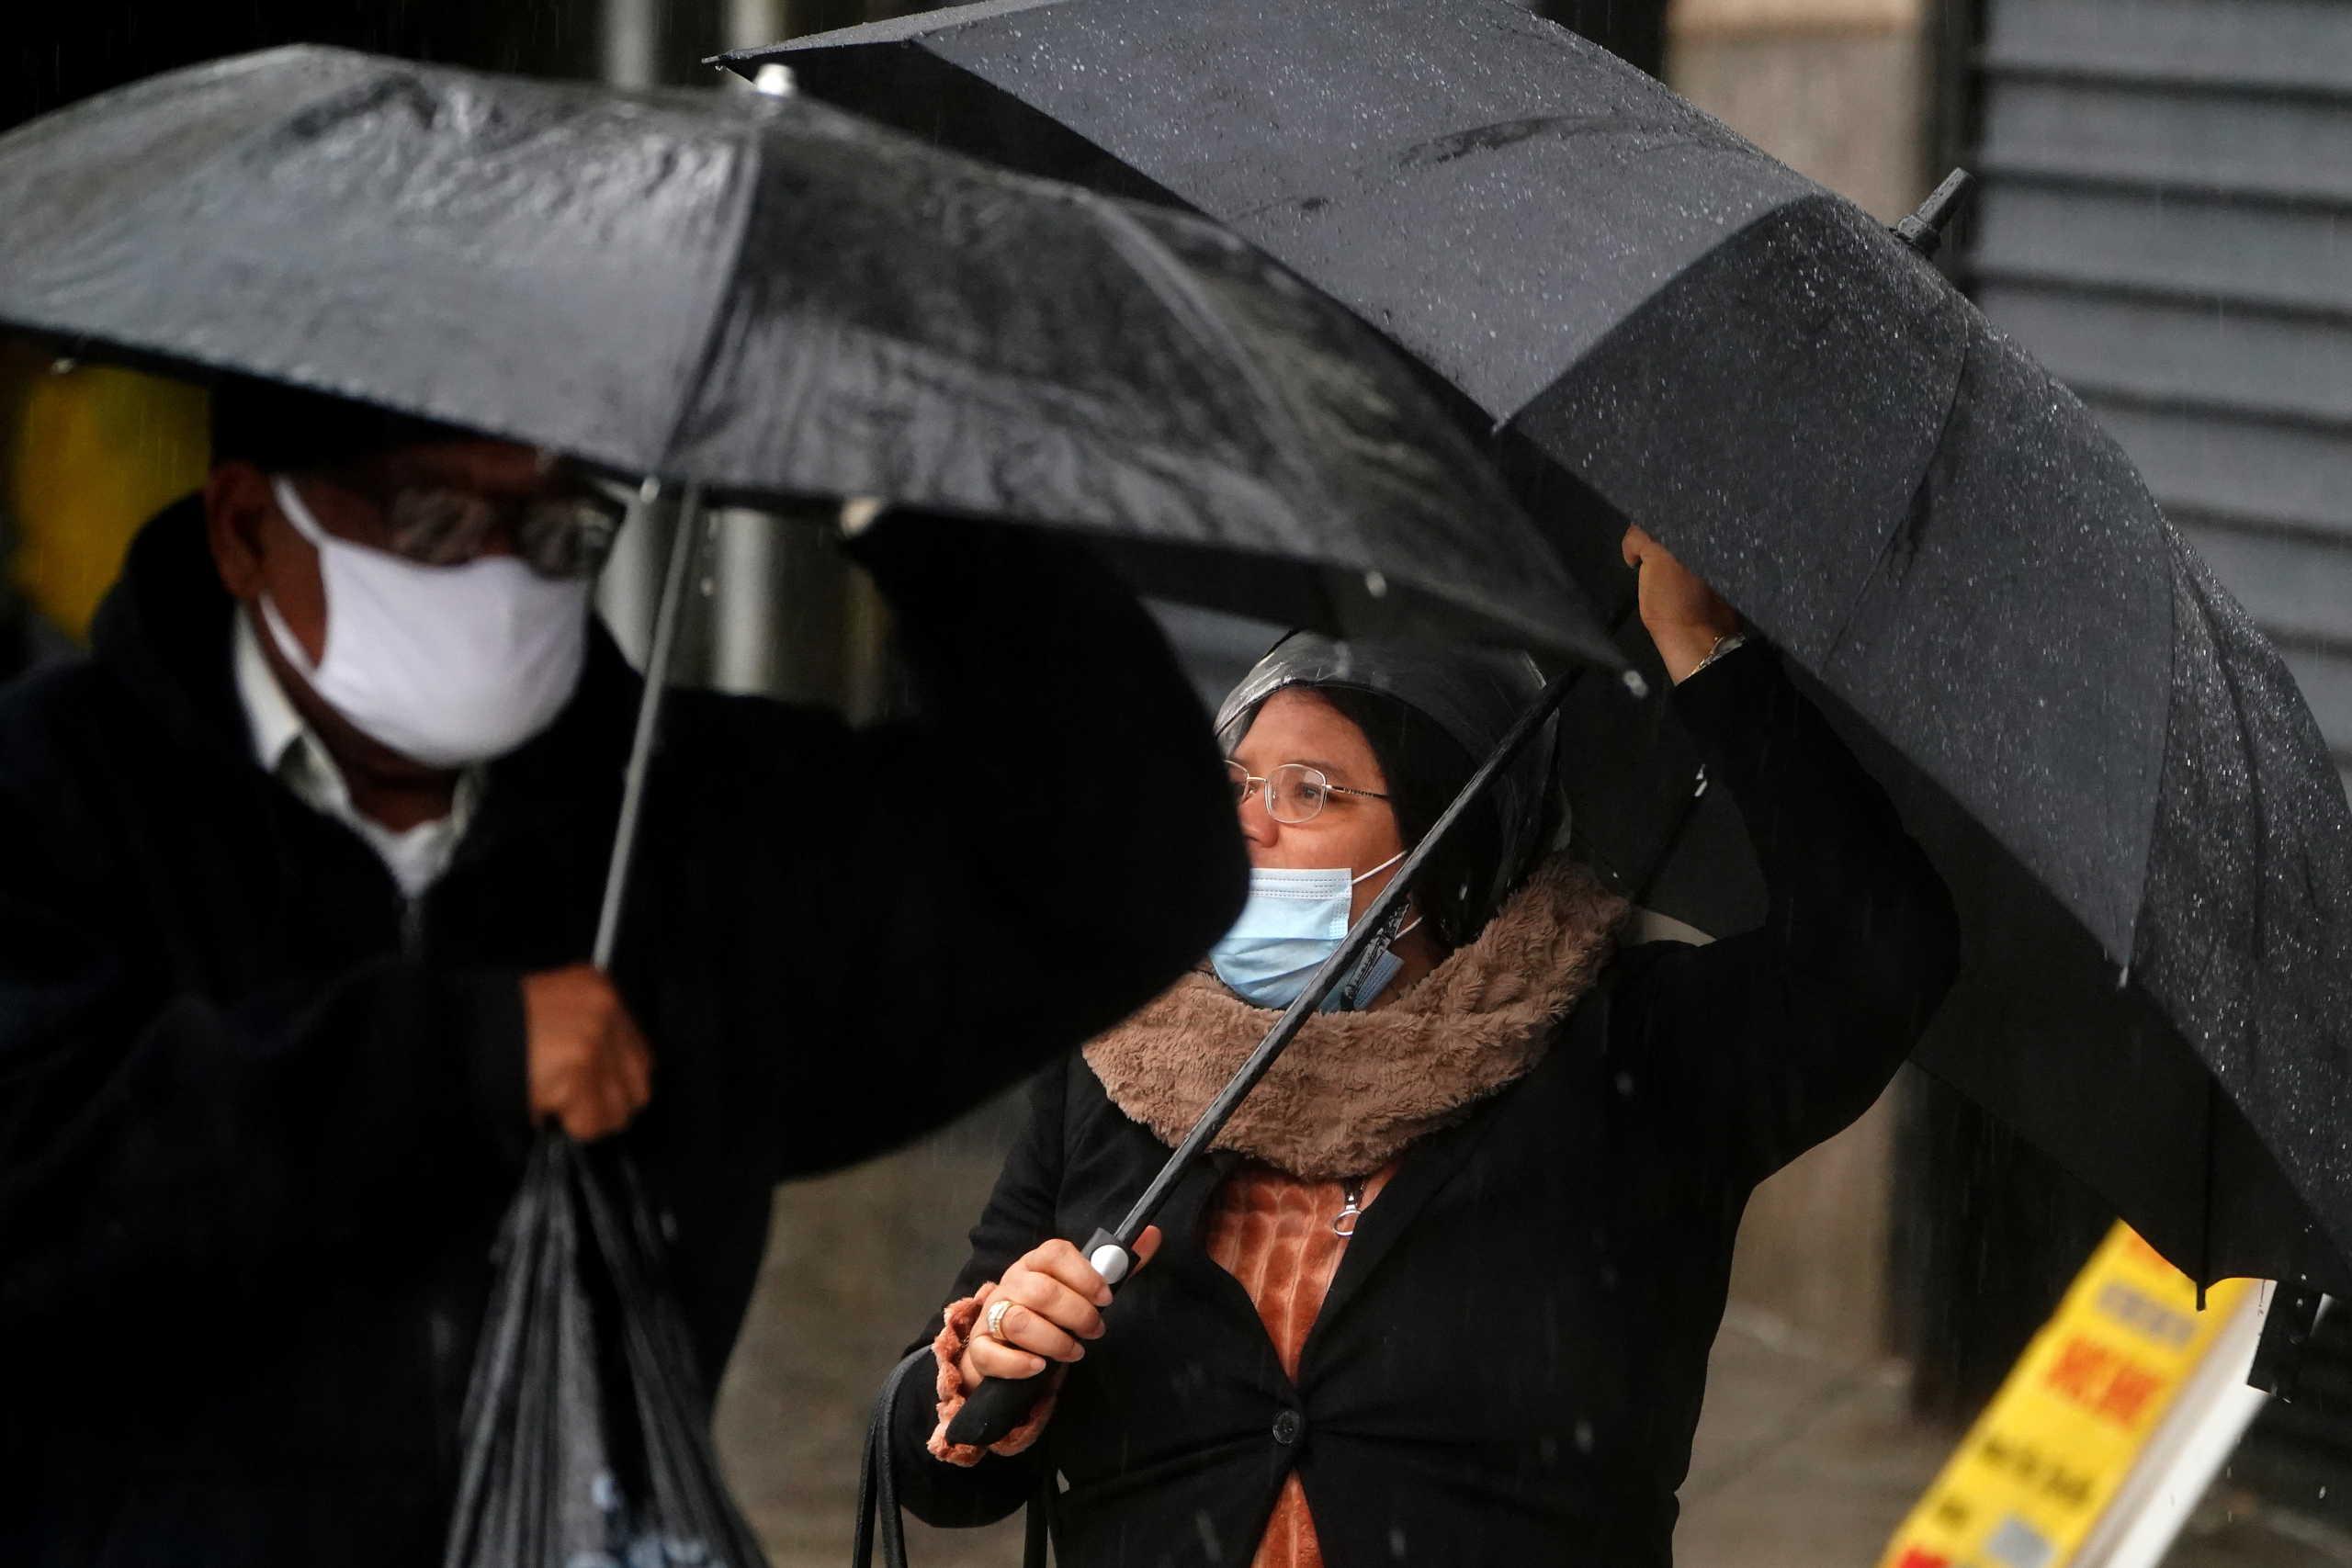 Κορονοϊός: Αυξάνονται τα κρούσματα σε Νέα Υόρκη και Νιου Τζέρσεϊ